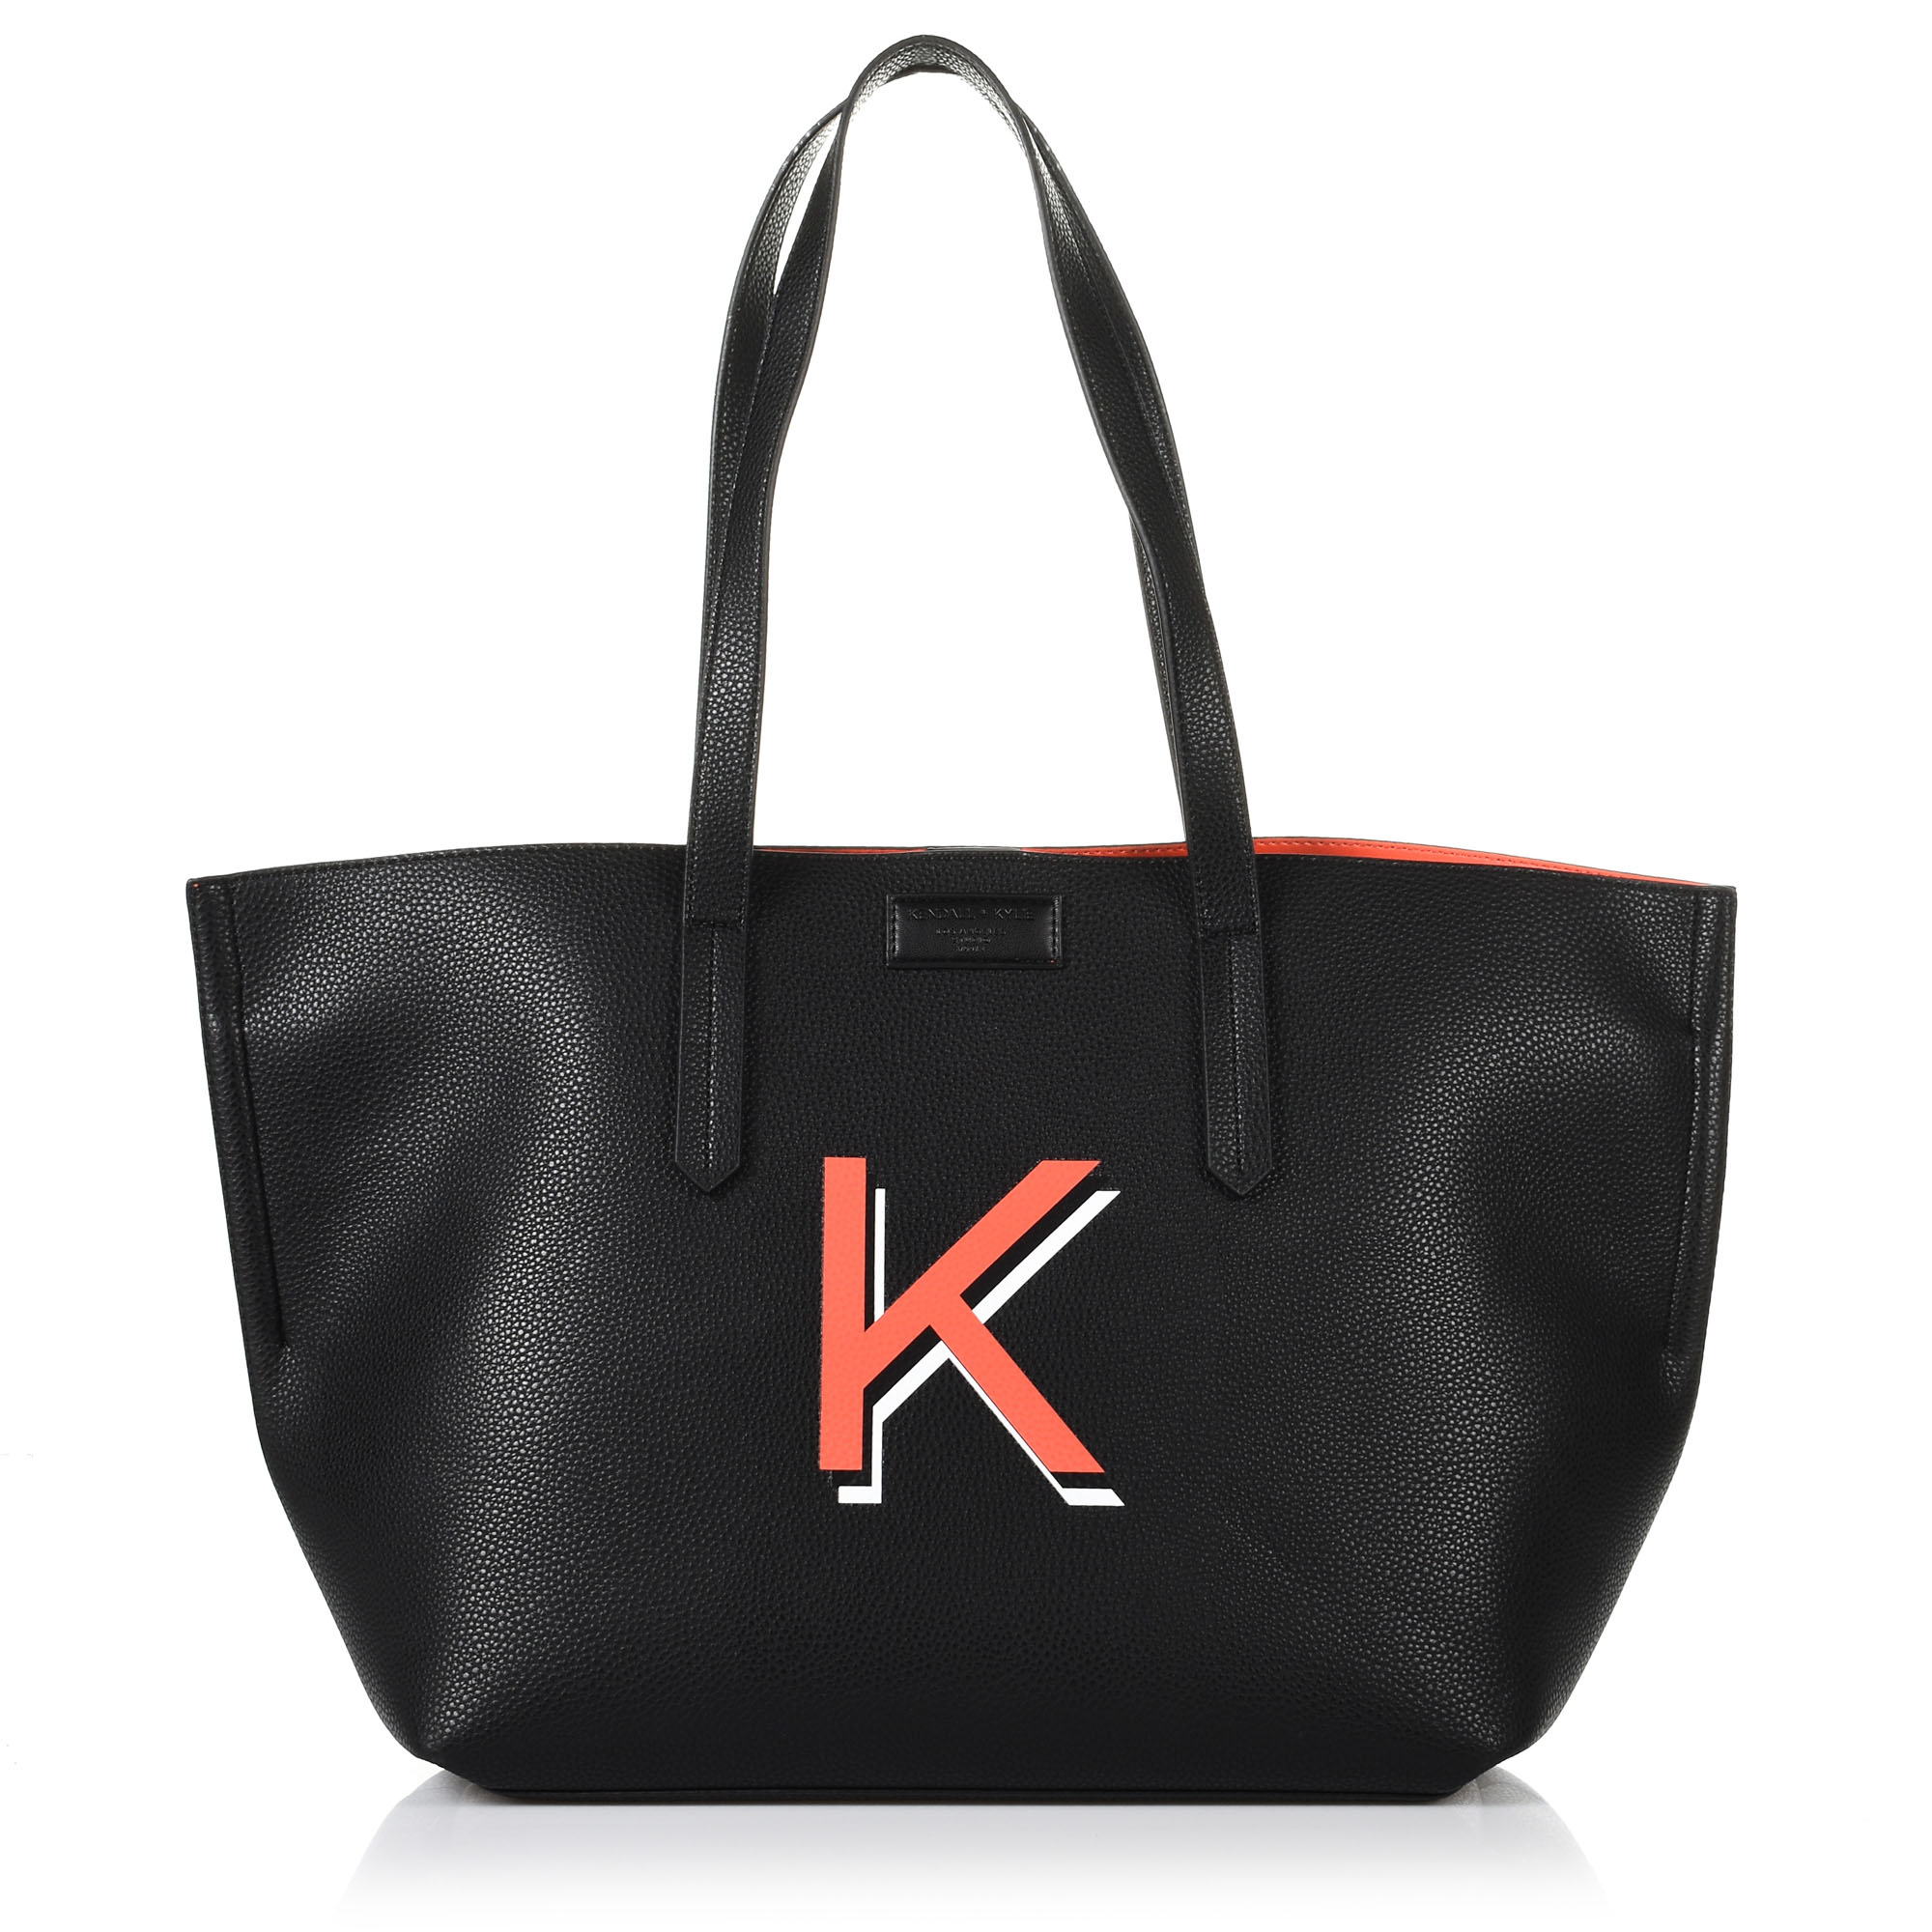 Τσάντα Ώμου Kendall + Kylie ΗΒΚΚ-119-0020